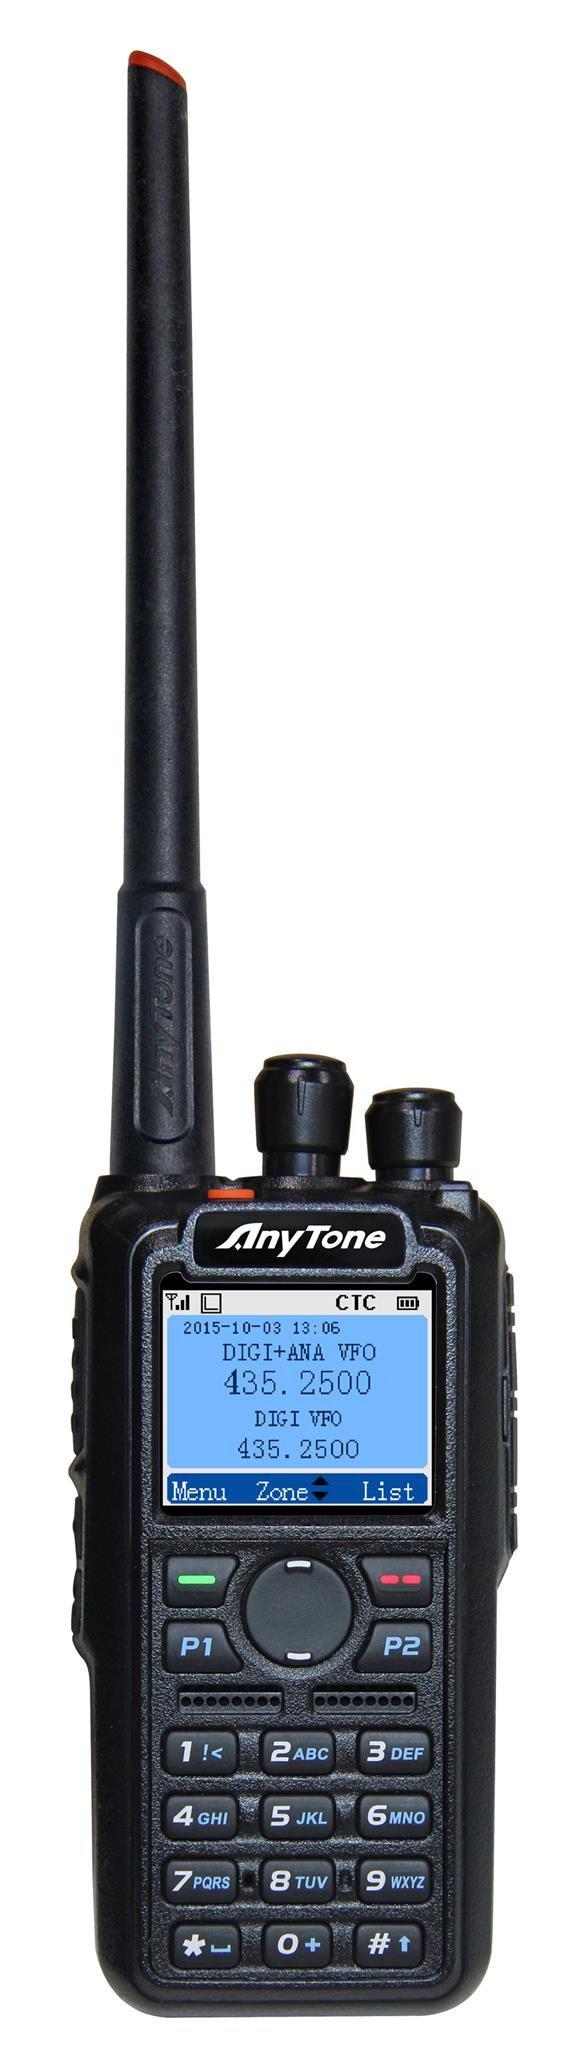 AnyTone AT-D868UV GPS Version II Upgraded 3100mAh battery Dual Band DMR/Analog 144 & 430 MHz Radio US Seller